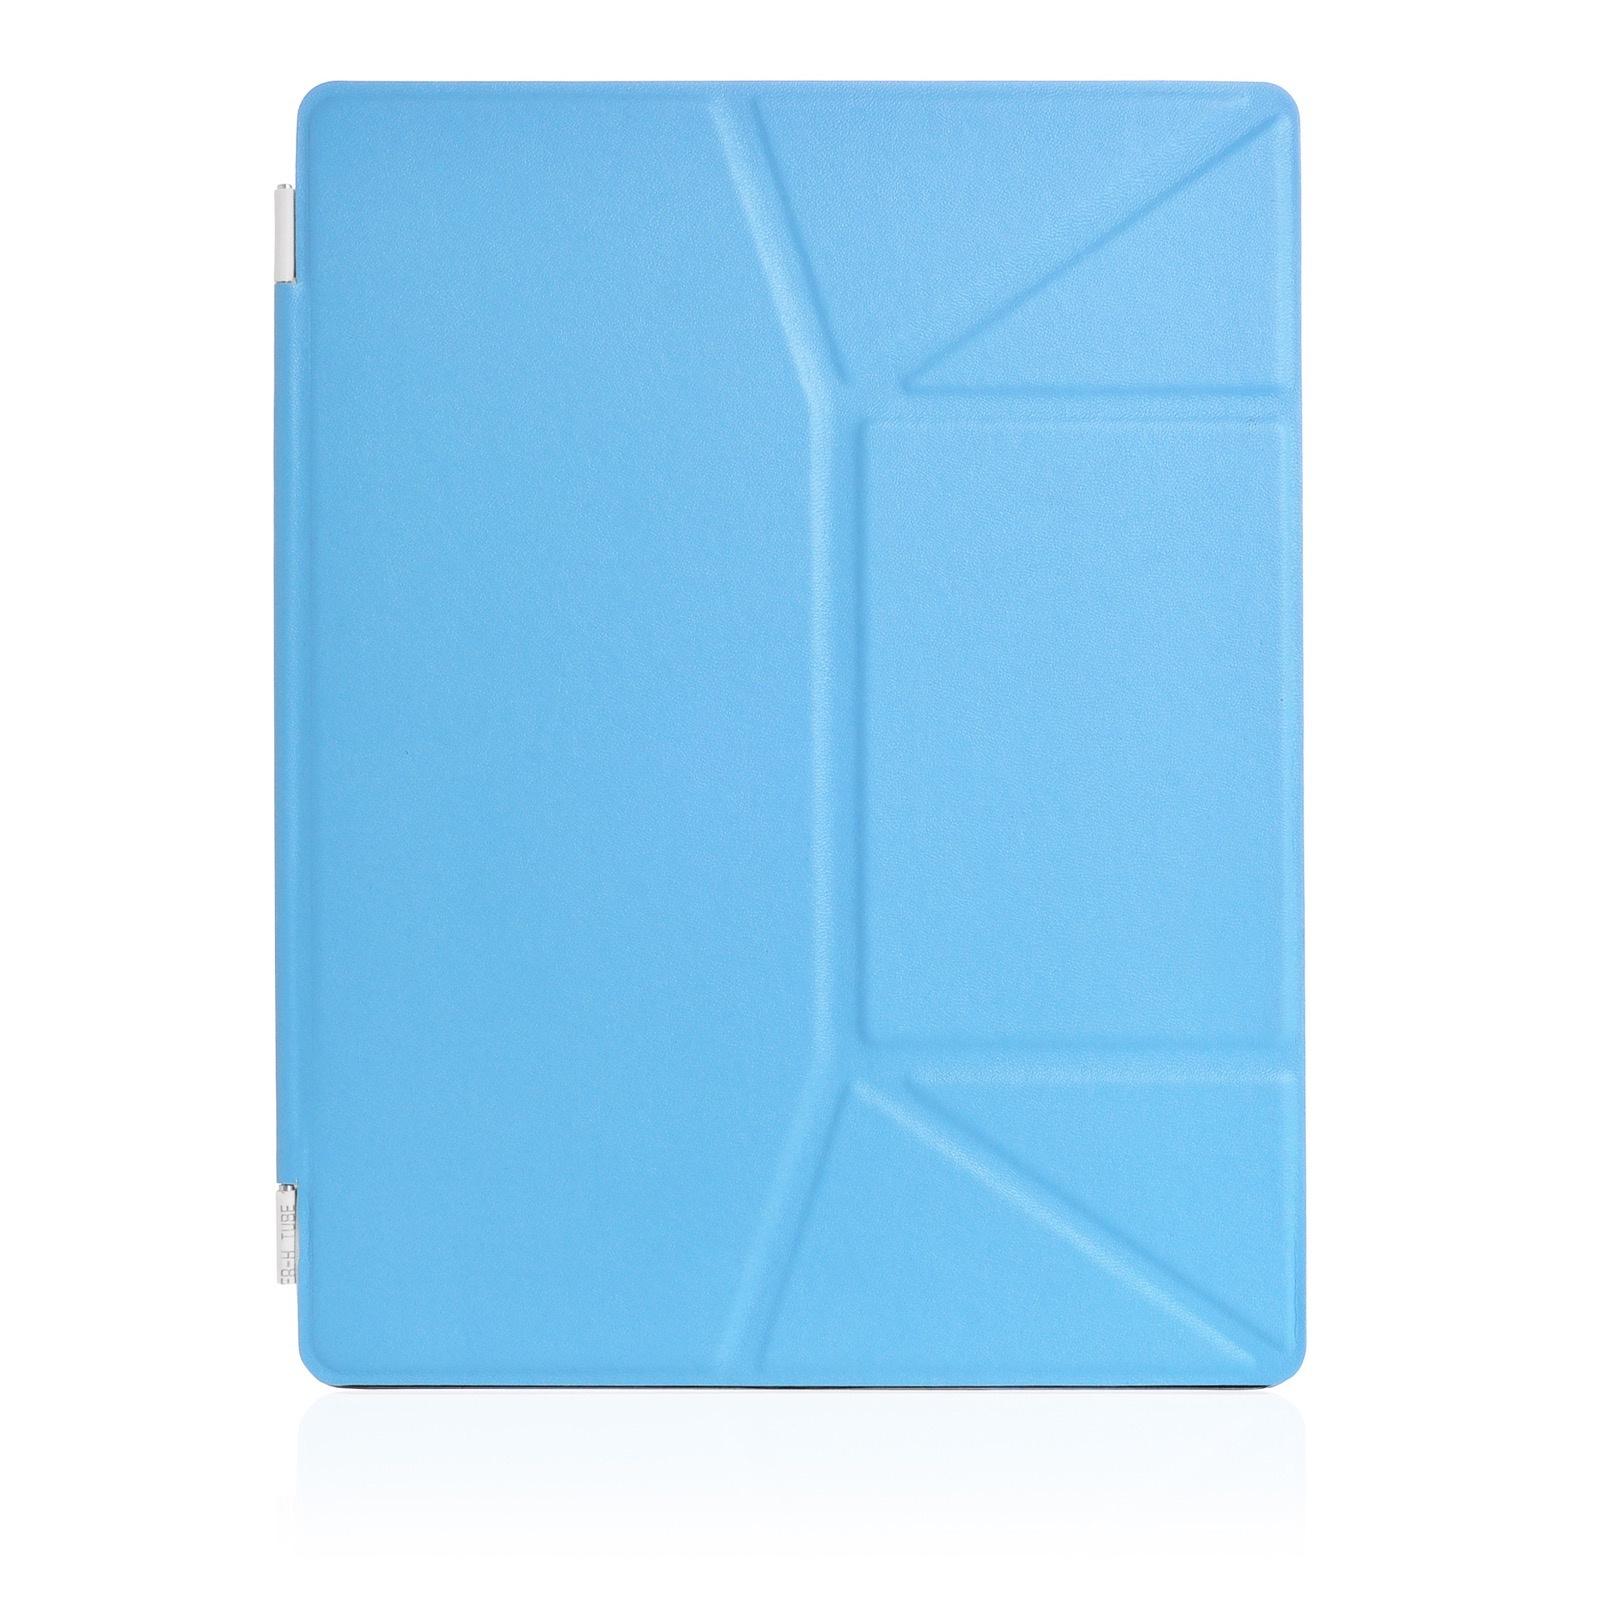 Чехол для планшета iNeez Smart эко кожа на дисплей 370076 для Apple iPad 2/3/4, голубой